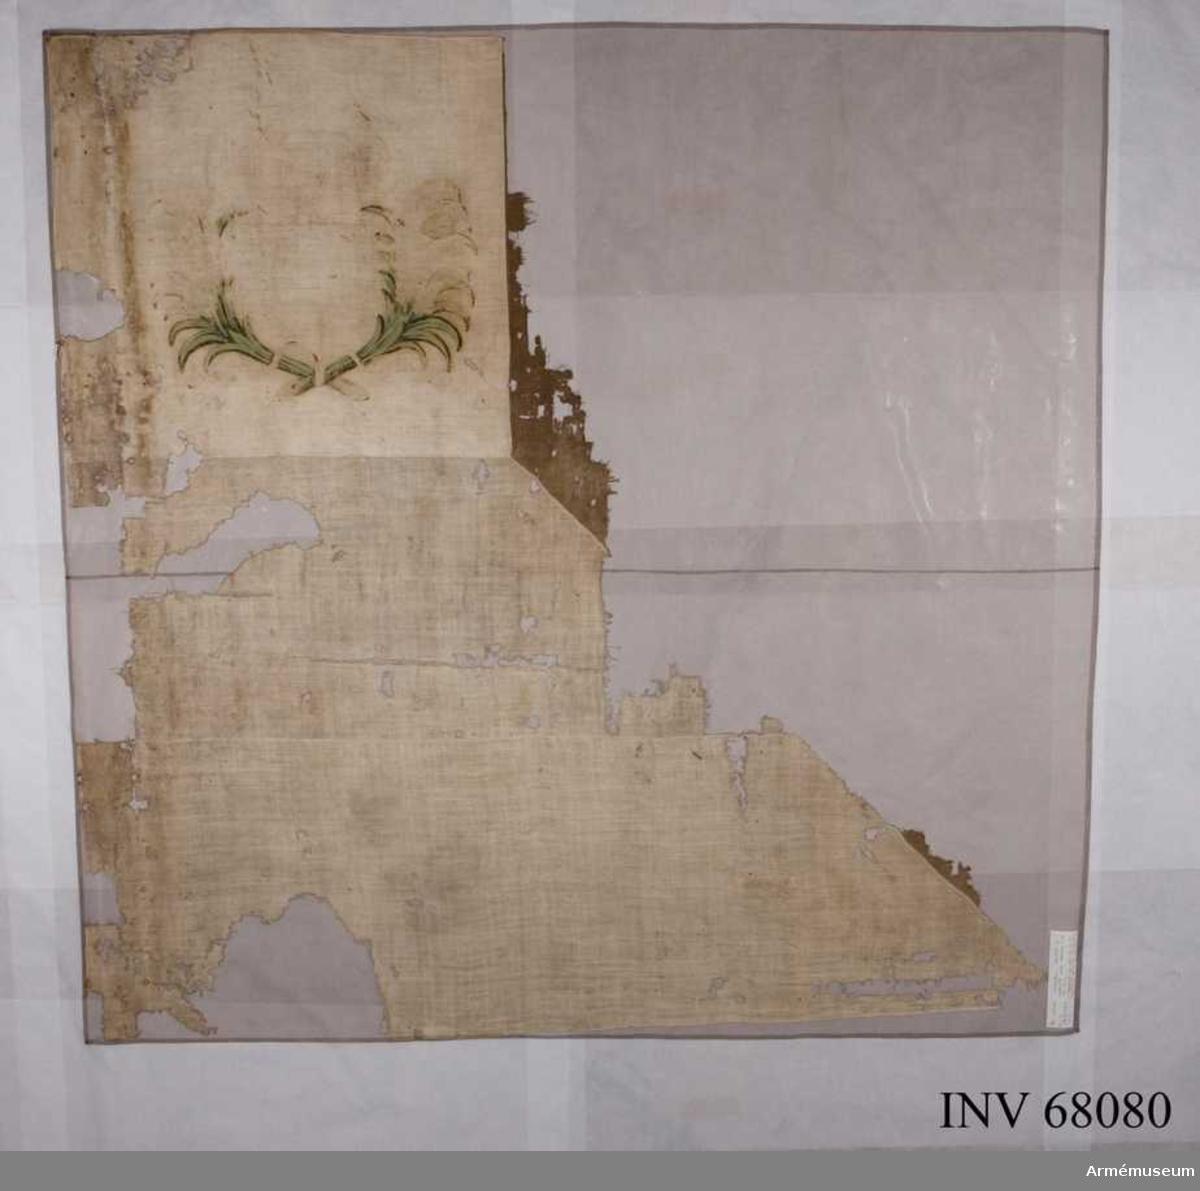 Duk: Tillverkad av enkel vit och brun linnelärft. Rektangulärt vitt fält (670 x 740 mm). Rester av brunt fält i kanten, höjd: 525 mm. Överst fyrkantigt vitt fält, höjd: 505 mm.  Dekor:  Målat på det fyrkantiga fältet: utsidan: blått språkband med gulaktig text; insidan: två palmkvistar i grönt. Lossad från stången.